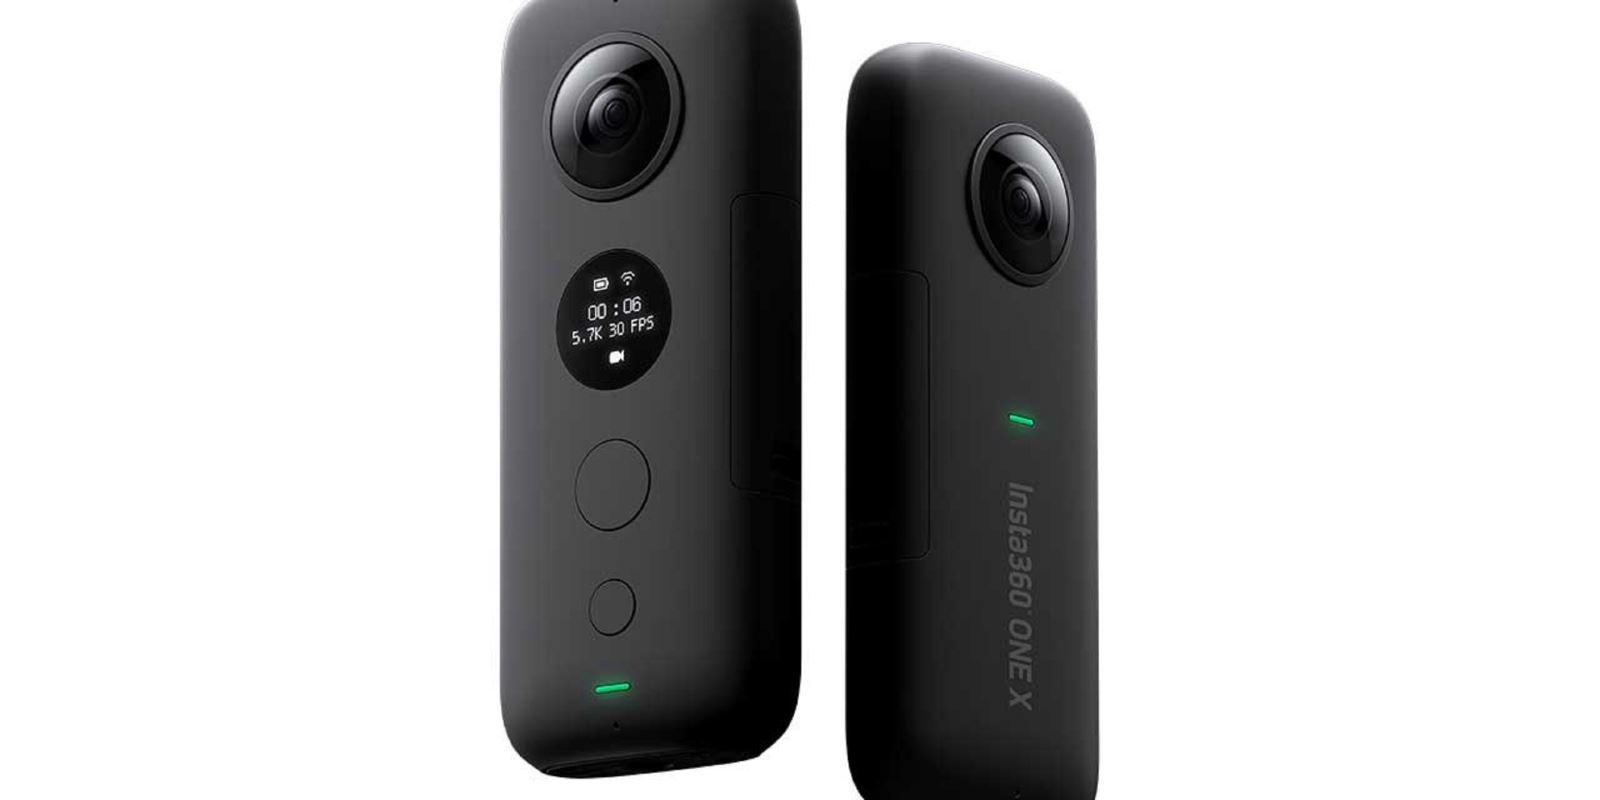 Insta360 ra mắt camera hành động 360 độ 5.7K